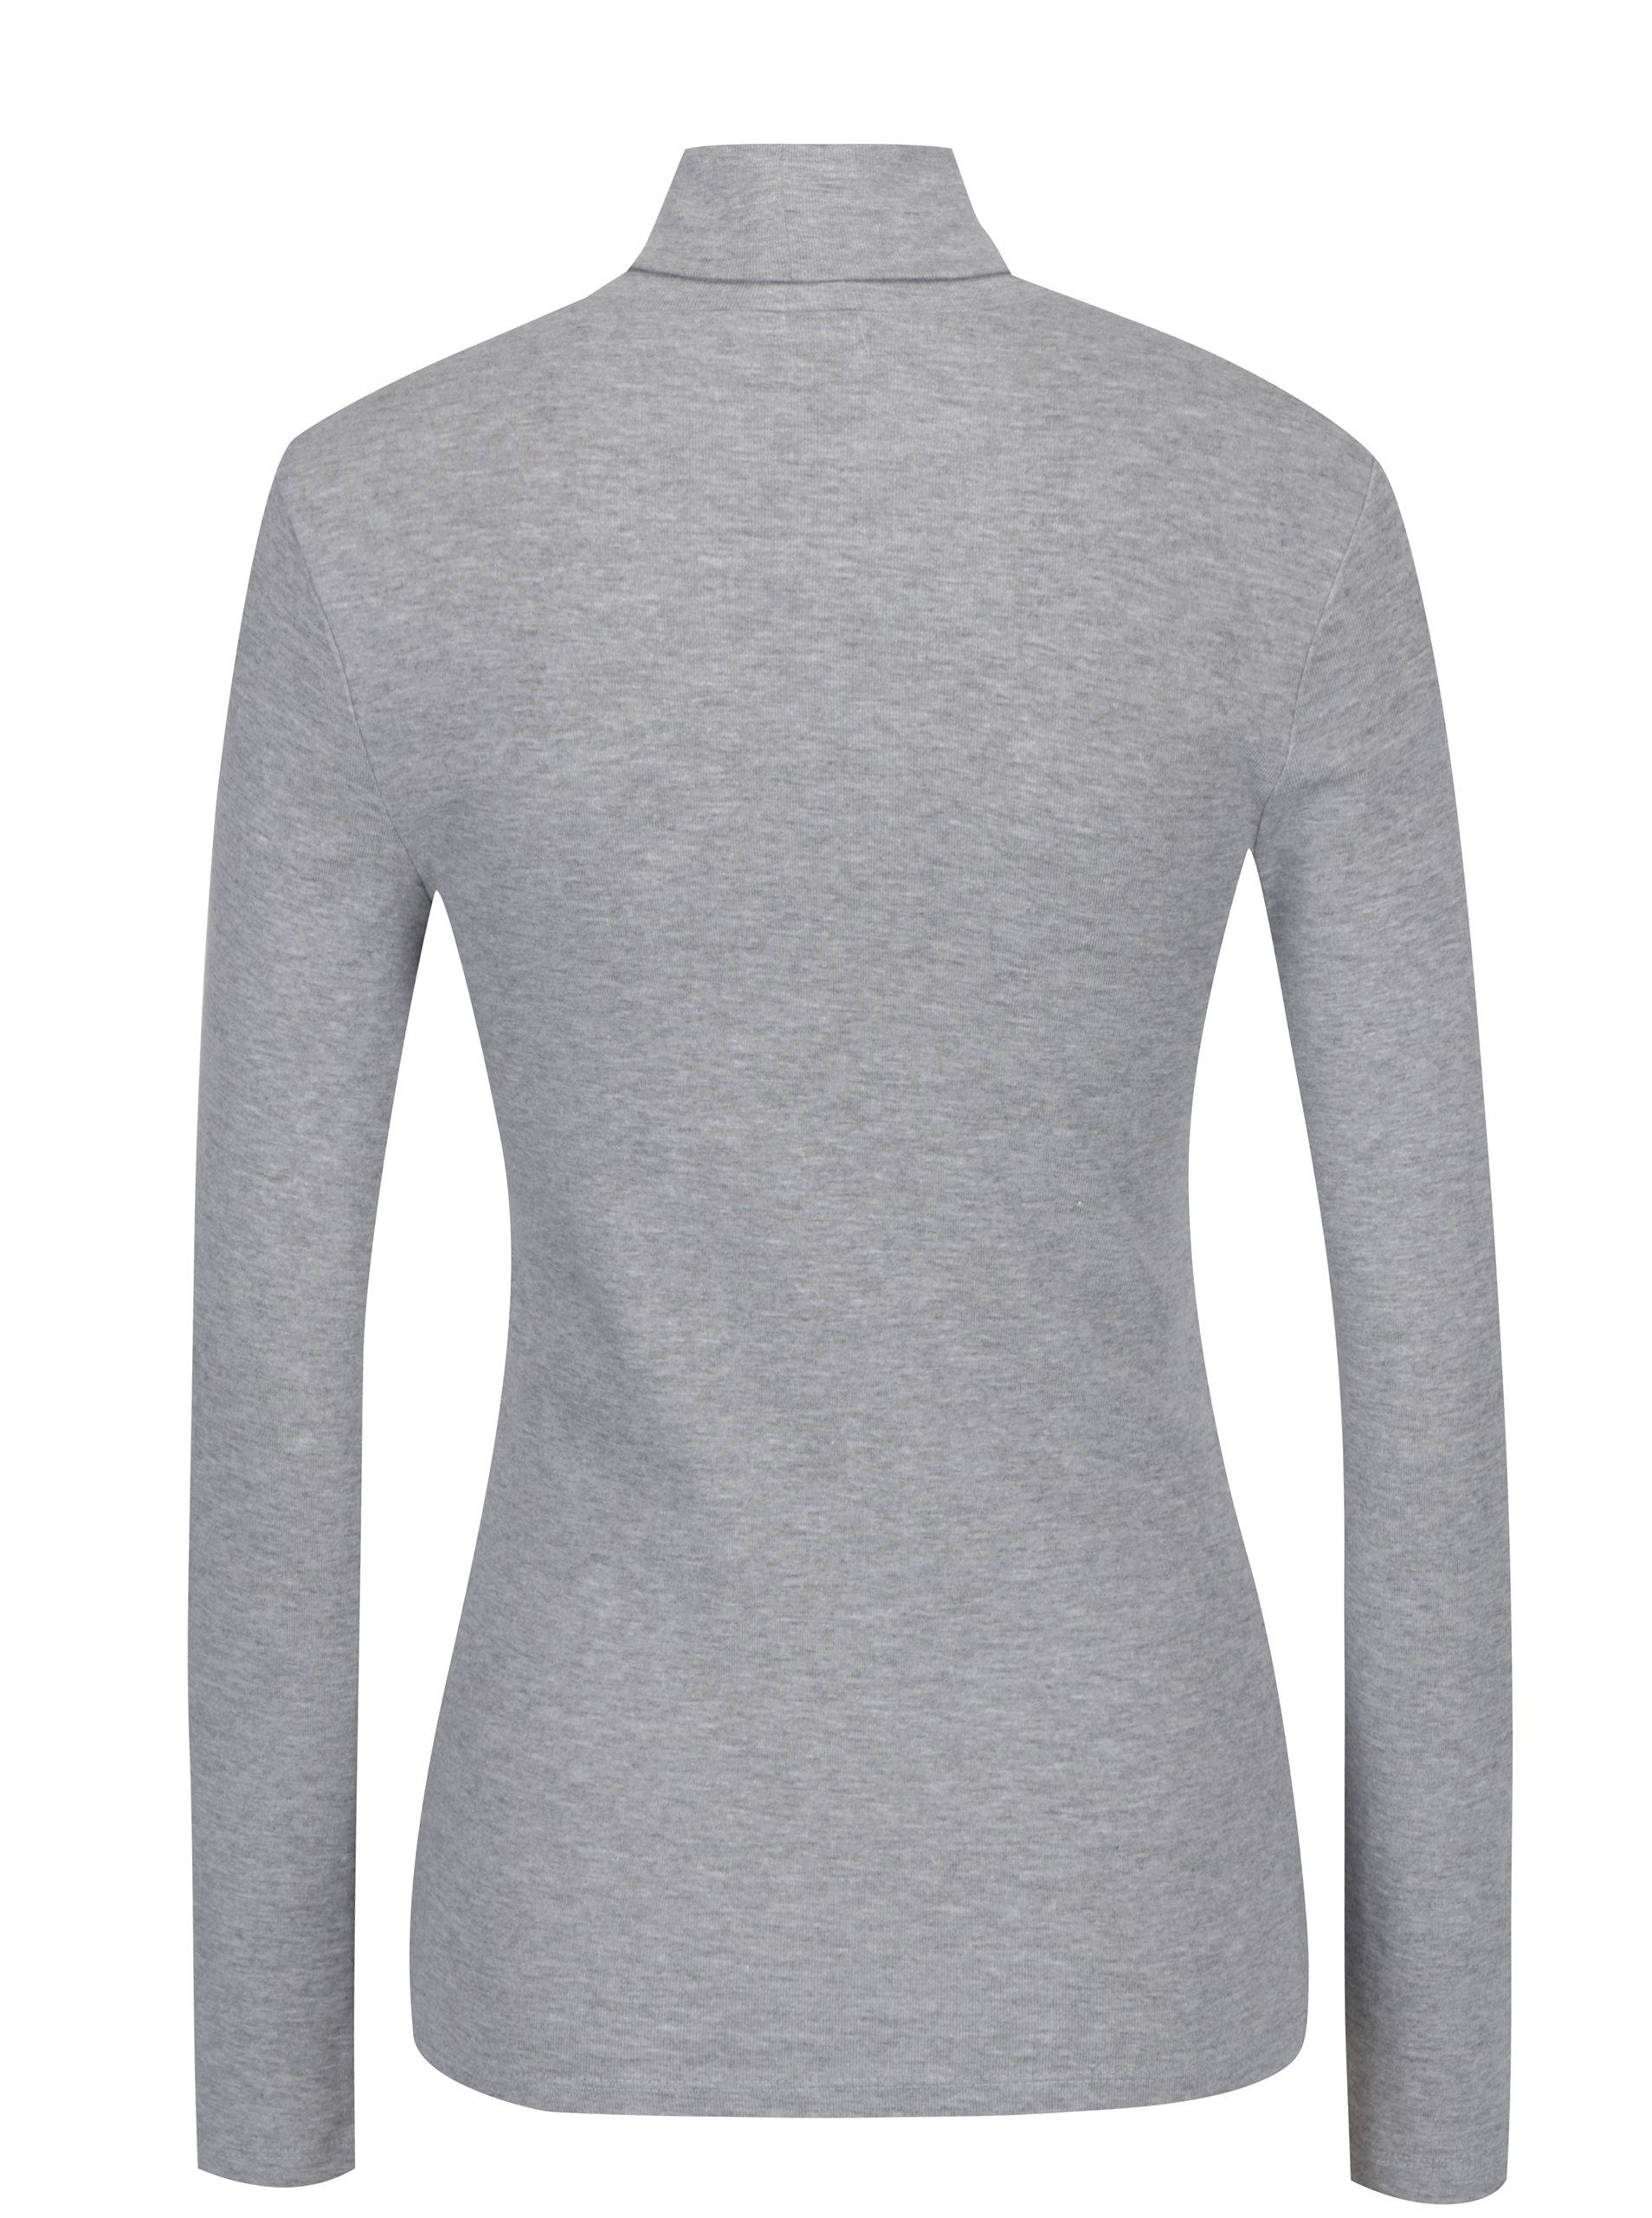 Šedé dámské tričko s rolákem a dlouhým rukávem s.Oliver  6a55e4fad1